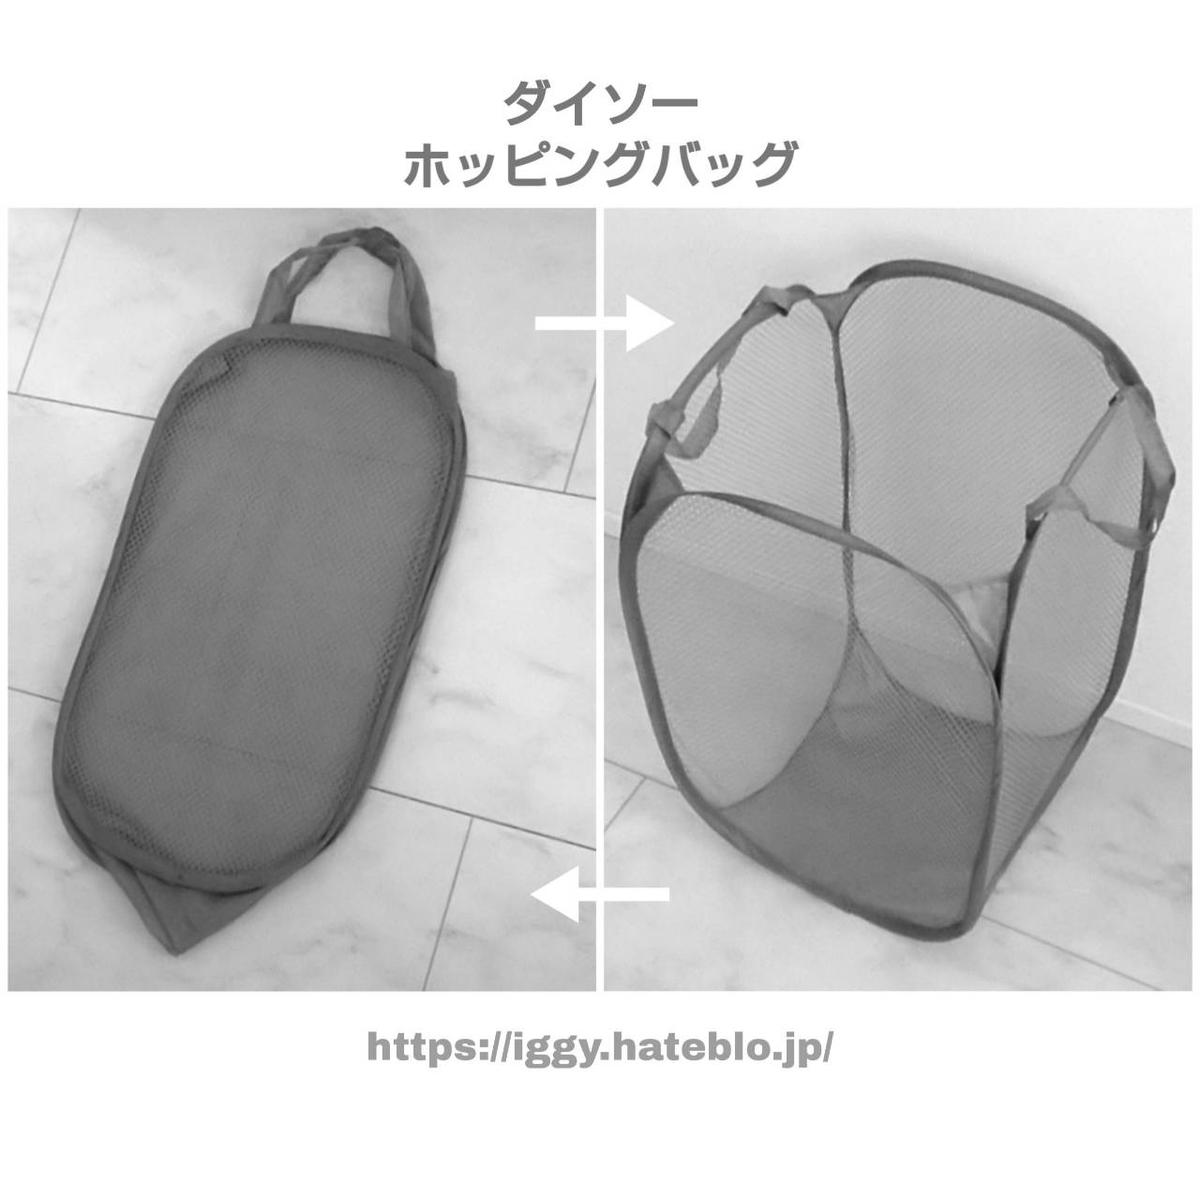 ダイソー ホッピングバッグ iggy2019